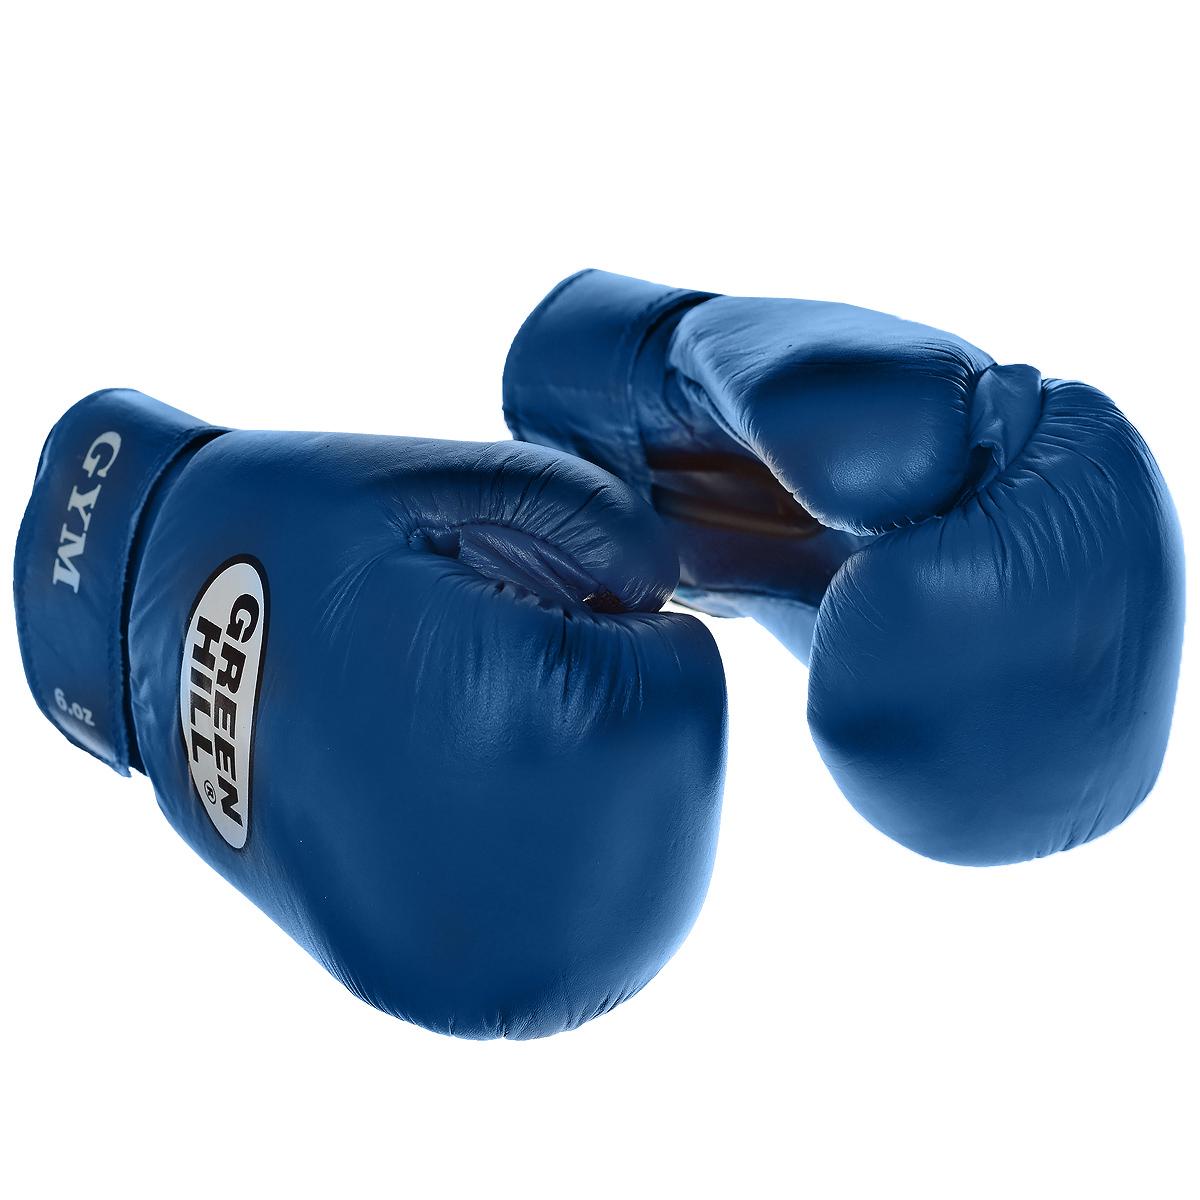 Перчатки боксерские Green Hill Gym, цвет: синий. Вес 10 унцийAIRWHEEL Q3-340WH-BLACKБоксерские перчатки Green Hill Gym специально разработаны для тренировочных спаррингов. Верх выполнен из натуральной кожи, наполнитель - из предварительно сформированного пенополиуретана. Перфорированная поверхность в области ладони позволяет создать максимально комфортный терморежим во время занятий. Широкий ремень, охватывая запястье, полностью оборачивается вокруг манжеты, благодаря чему создается дополнительная защита лучезапястного сустава от травмирования. Застежка на липучке способствует быстрому и удобному одеванию перчаток, плотно фиксирует перчатки на руке.